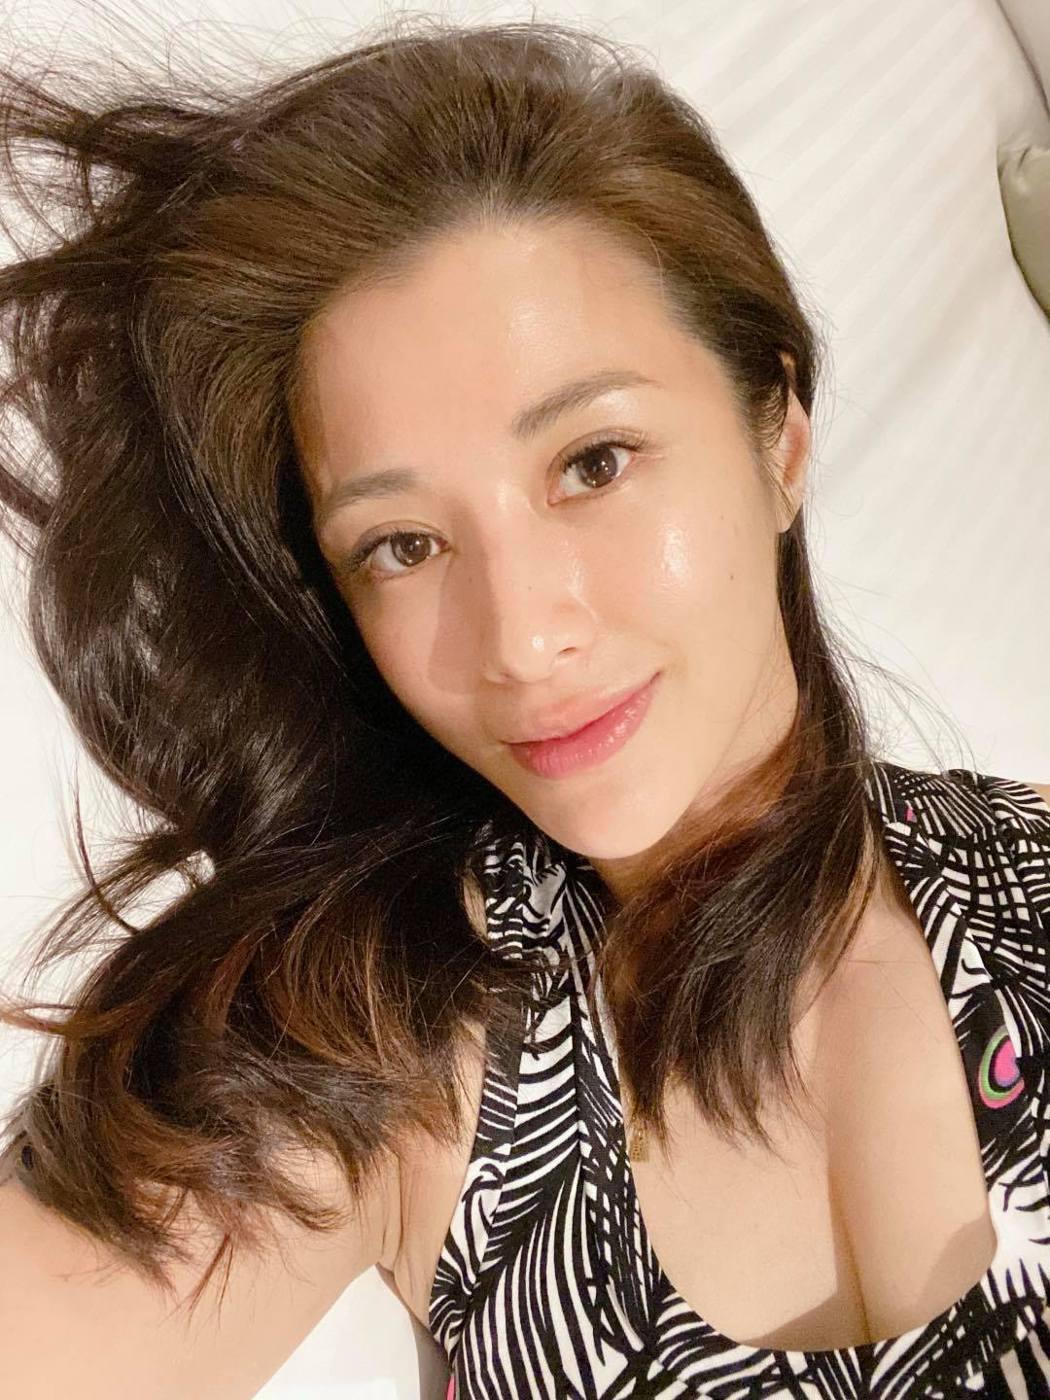 李蒨蓉深夜發文表示動念離婚,嚇壞不少網友。圖/摘自臉書